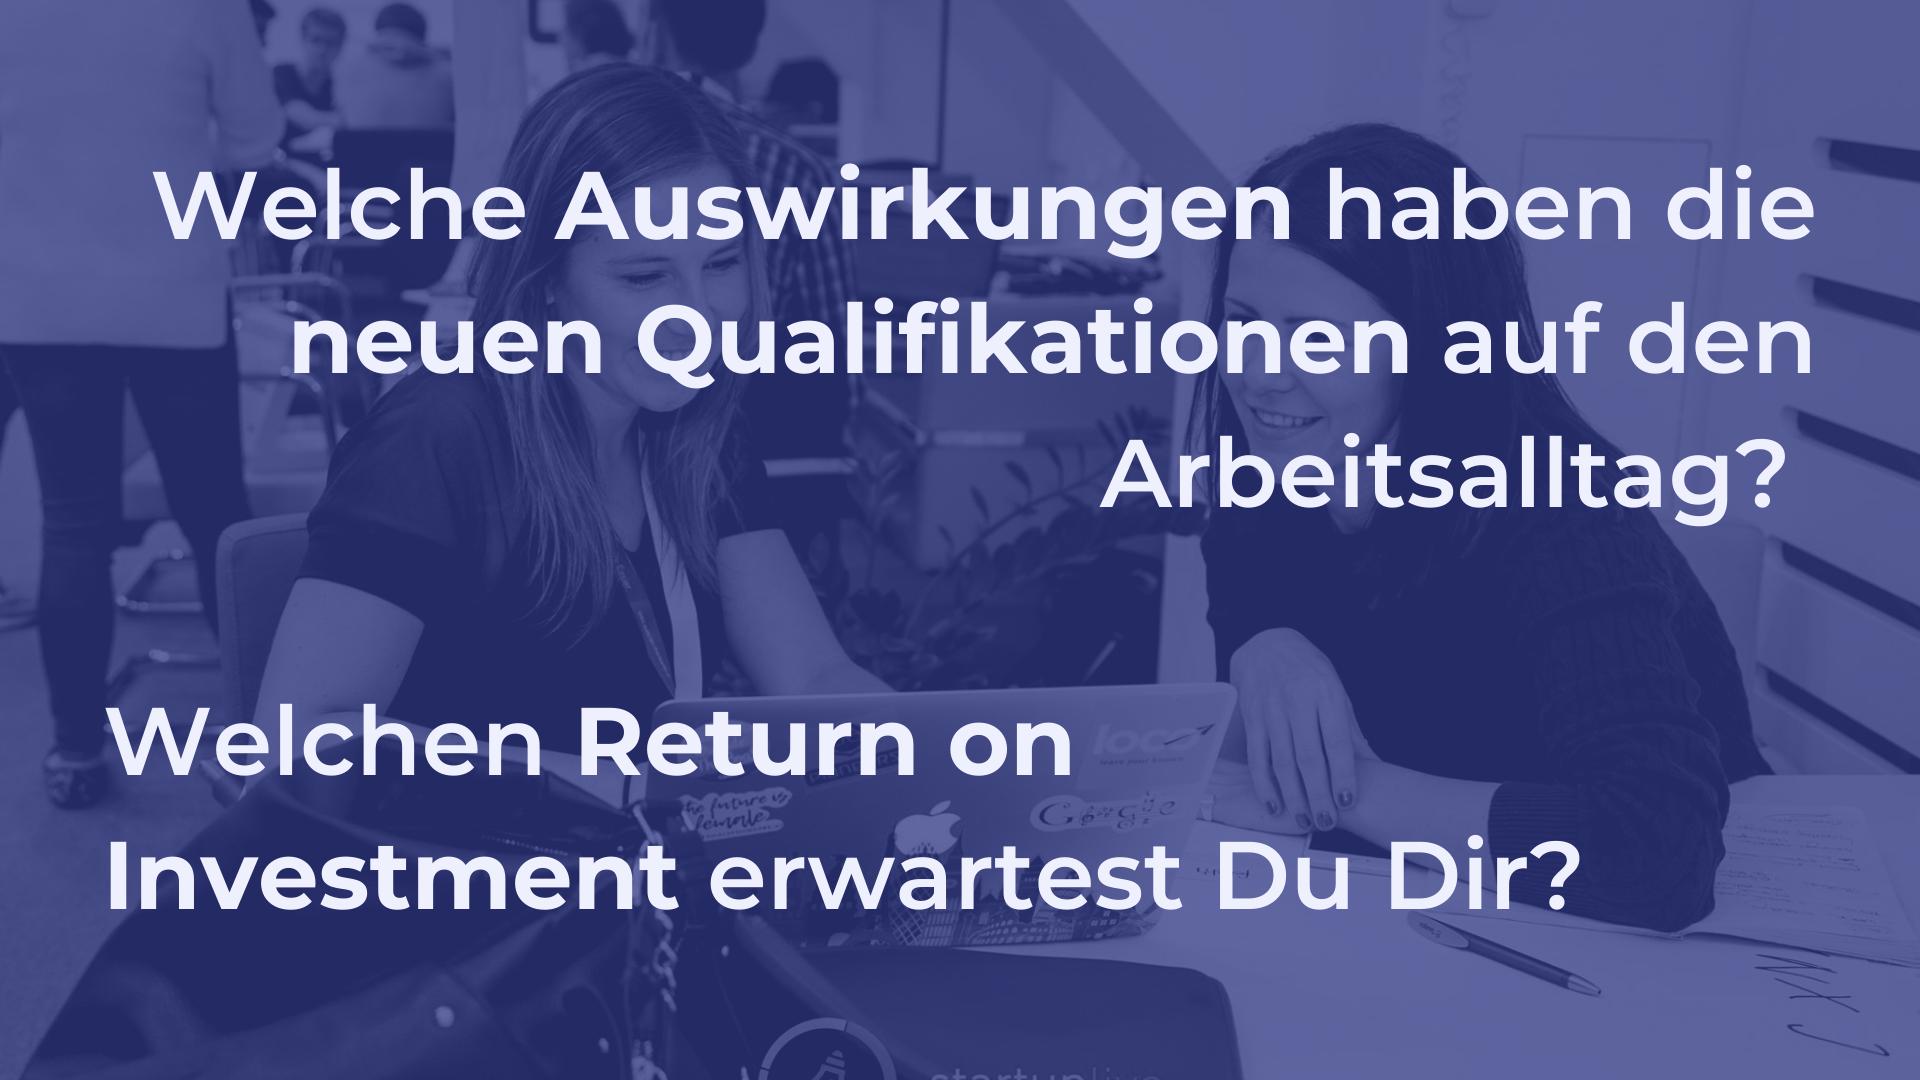 Welche Auswirkungen haben Deine neuen Qualifikationen auf den Arbeitsalltag? Welchen Return on Investment erwartest Du Dir?